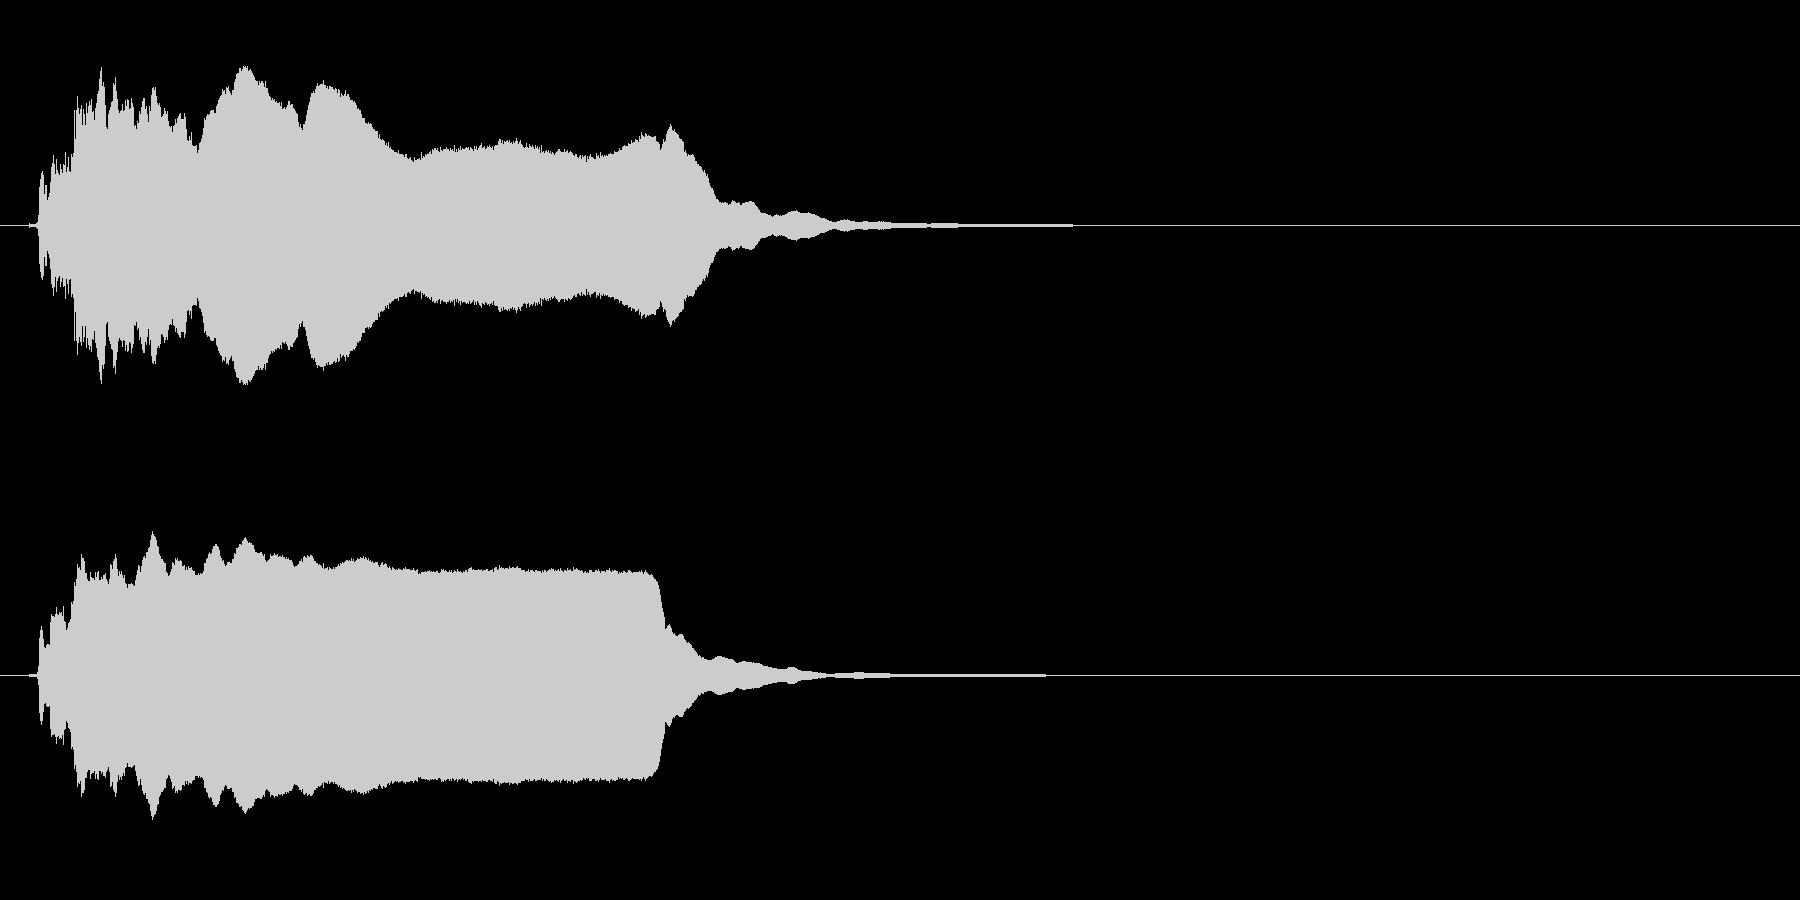 チームスピリット:ロングエアホーン...の未再生の波形